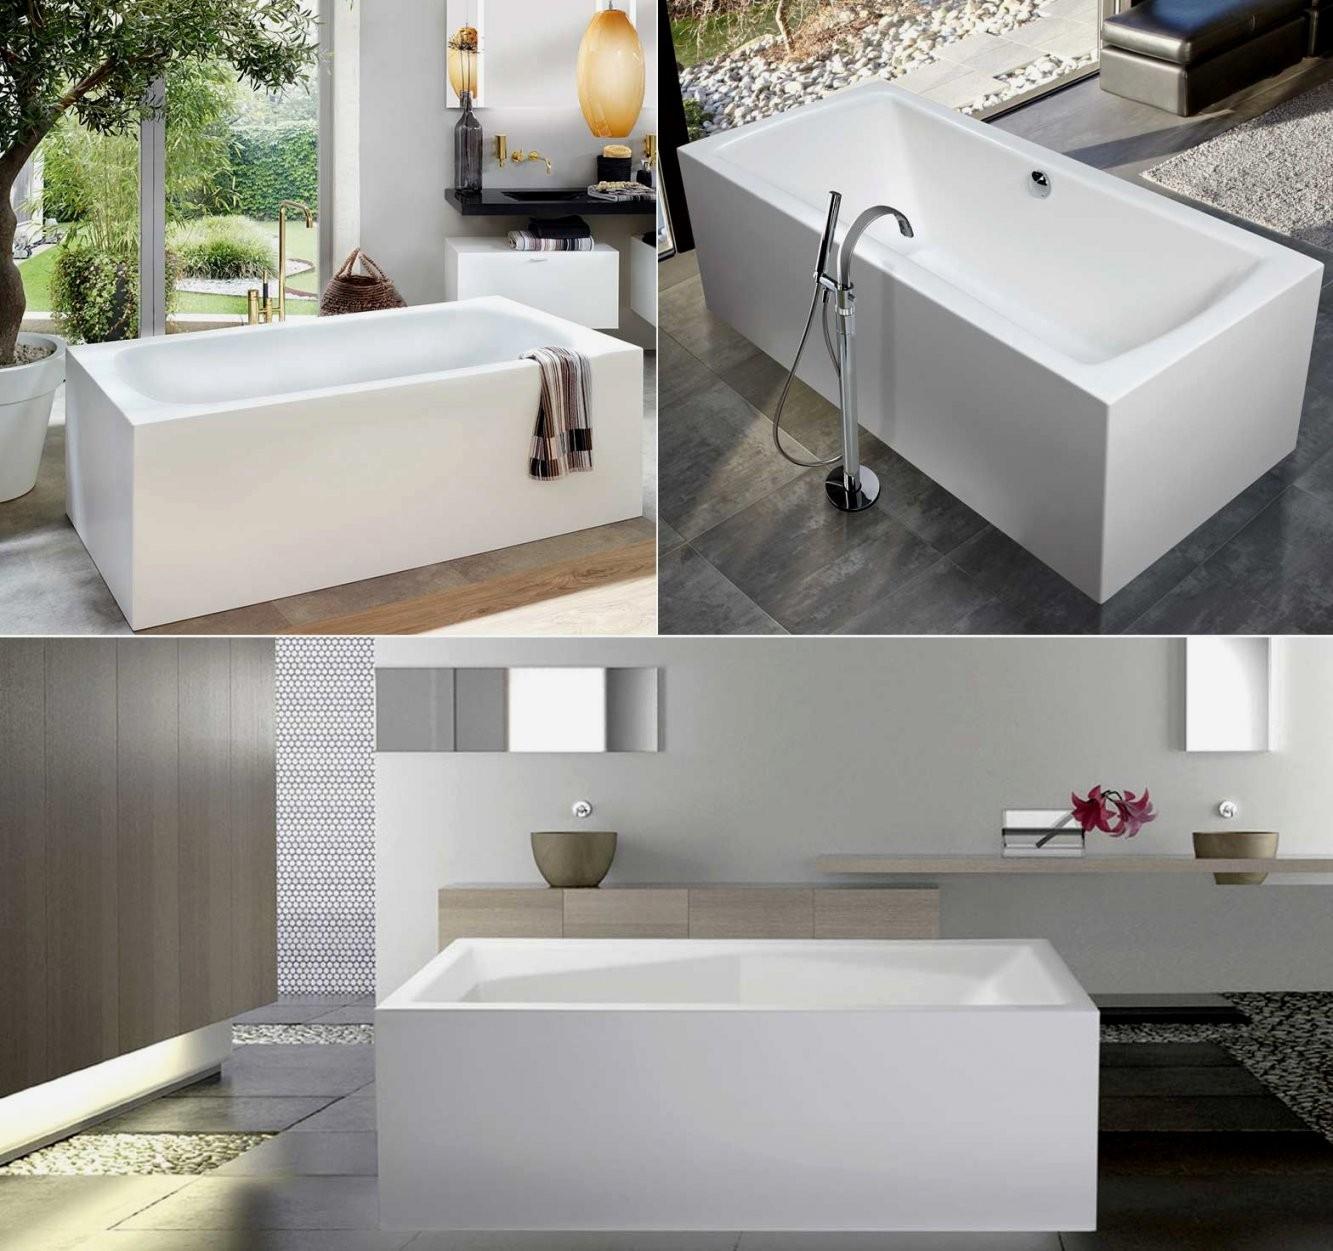 Beeindruckend Moderne Freistehende Badewannen Modern Badezimmer von Moderne Freistehende Badewannen Bild